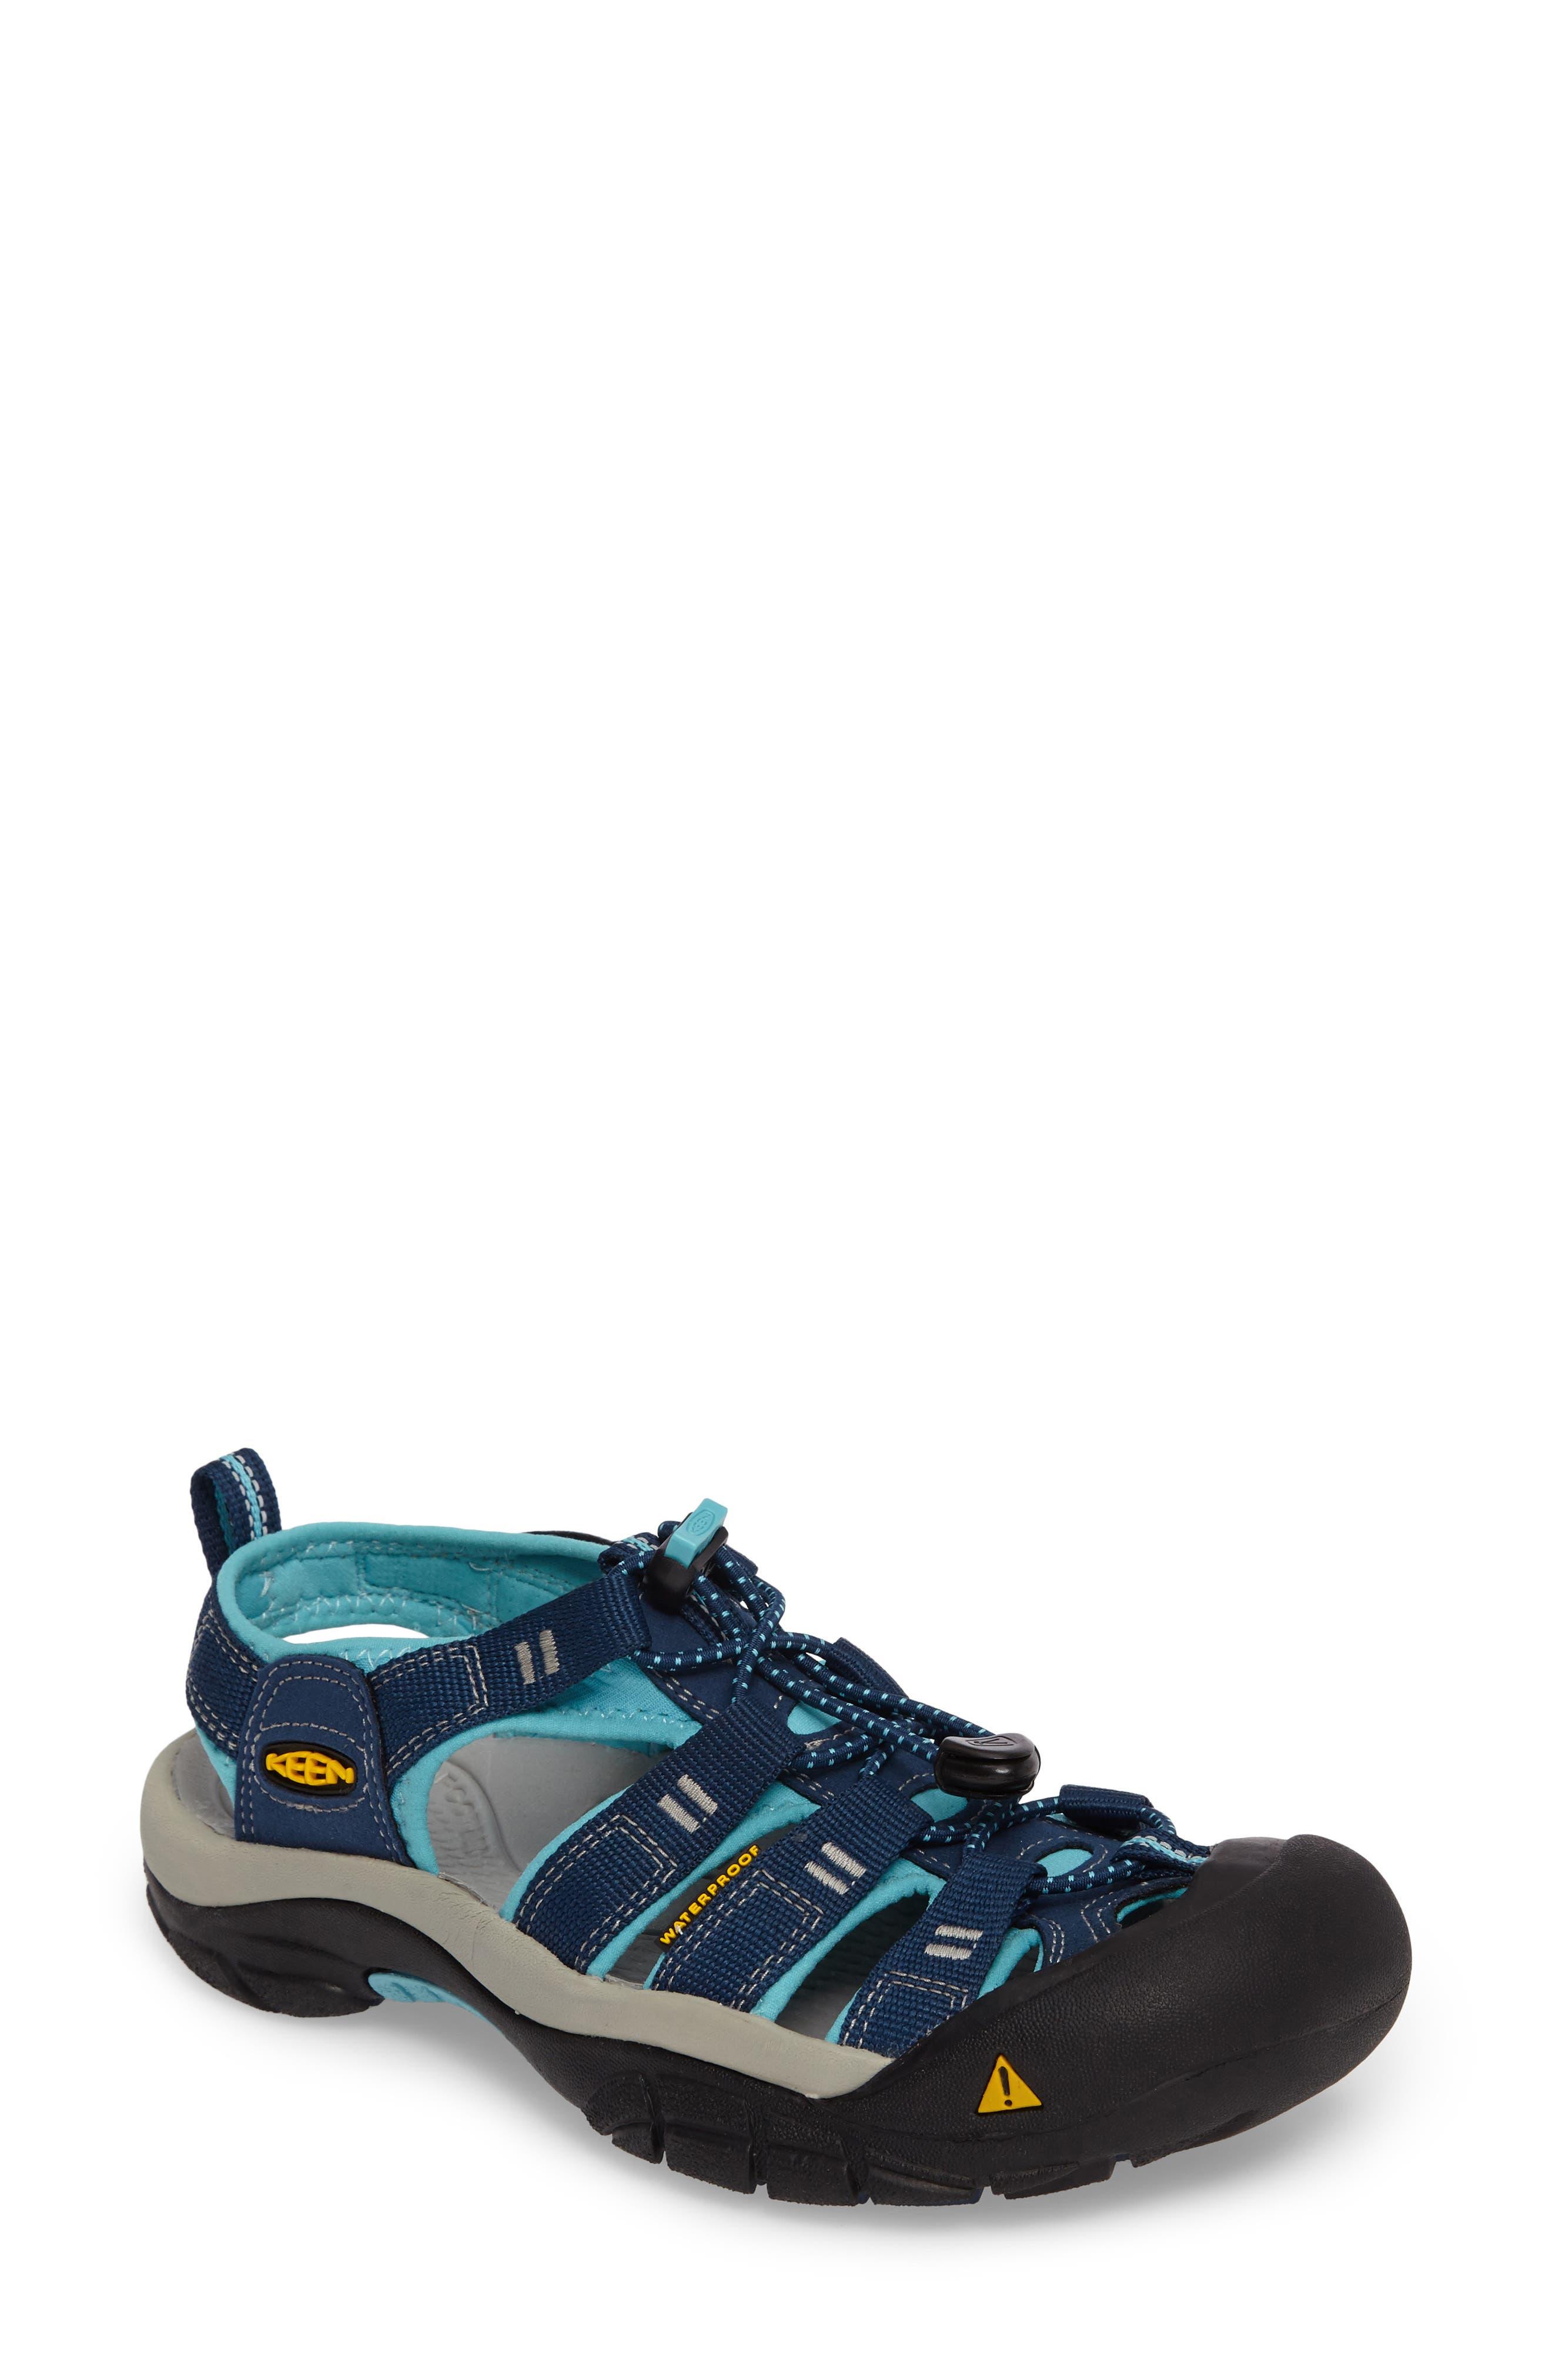 Main Image - Keen 'Newport H2' Sandal (Women)